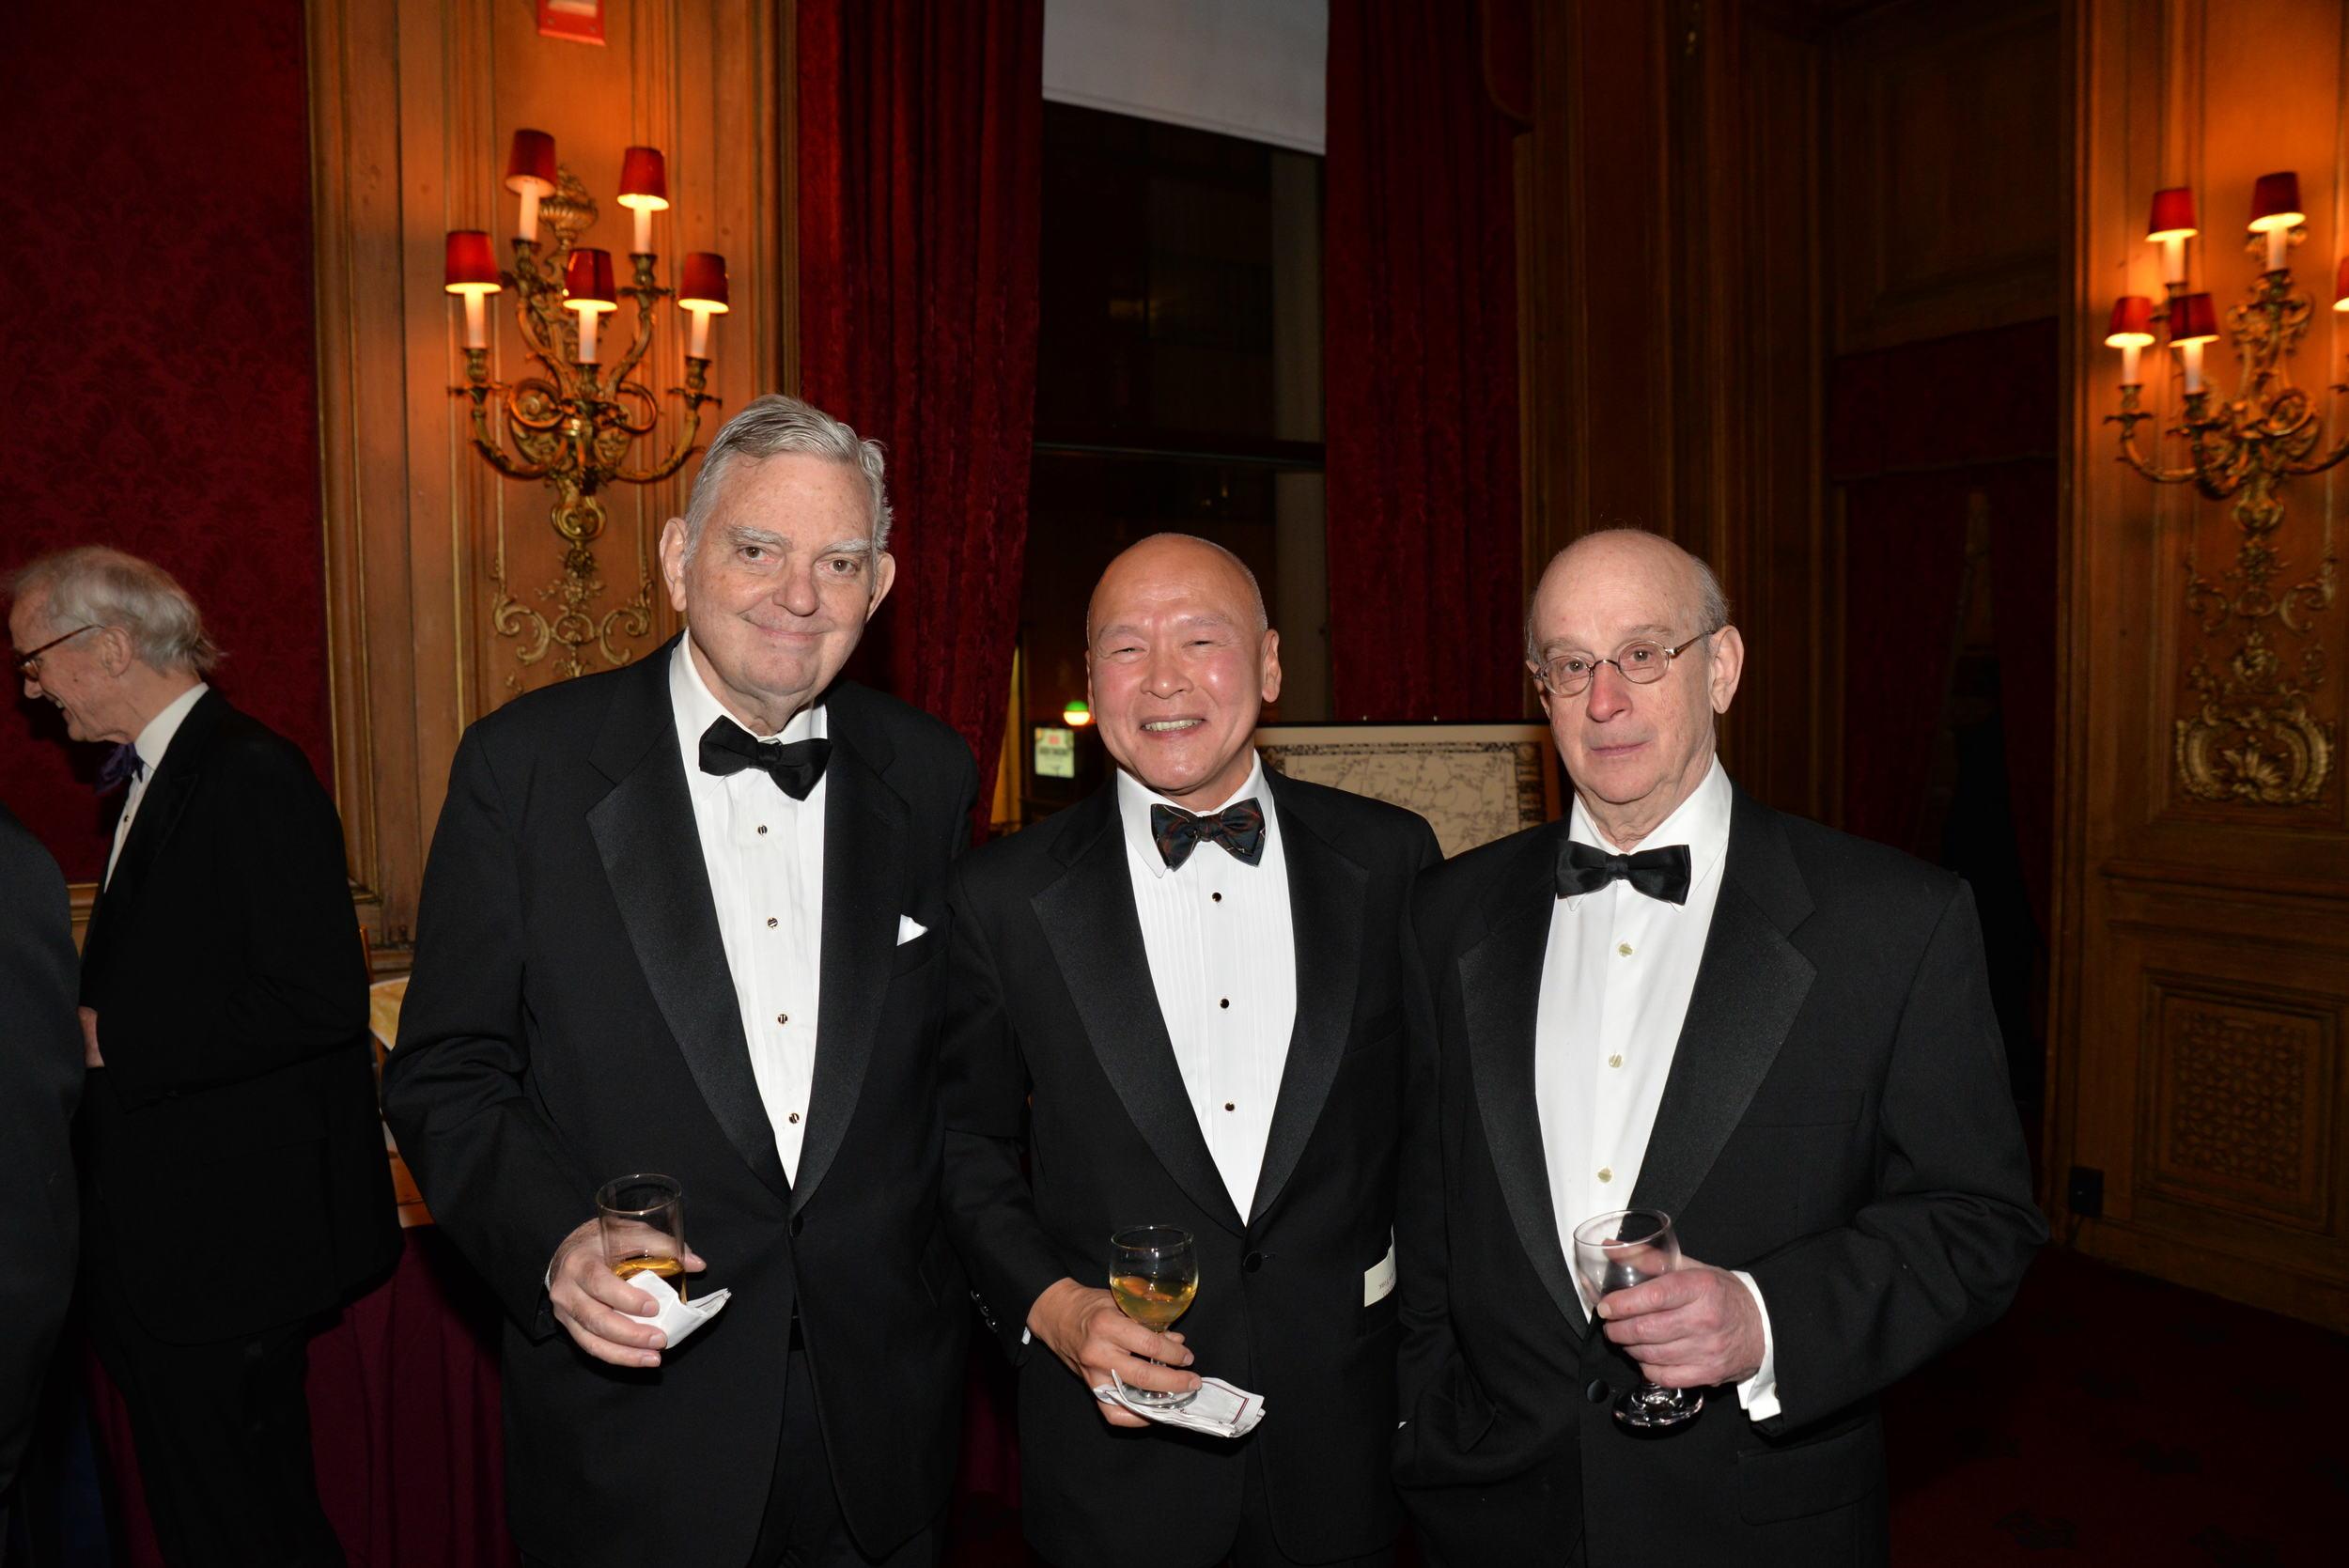 DSC_3591-John Dewey, Harry Chung, Alan R Bialeck.JPG